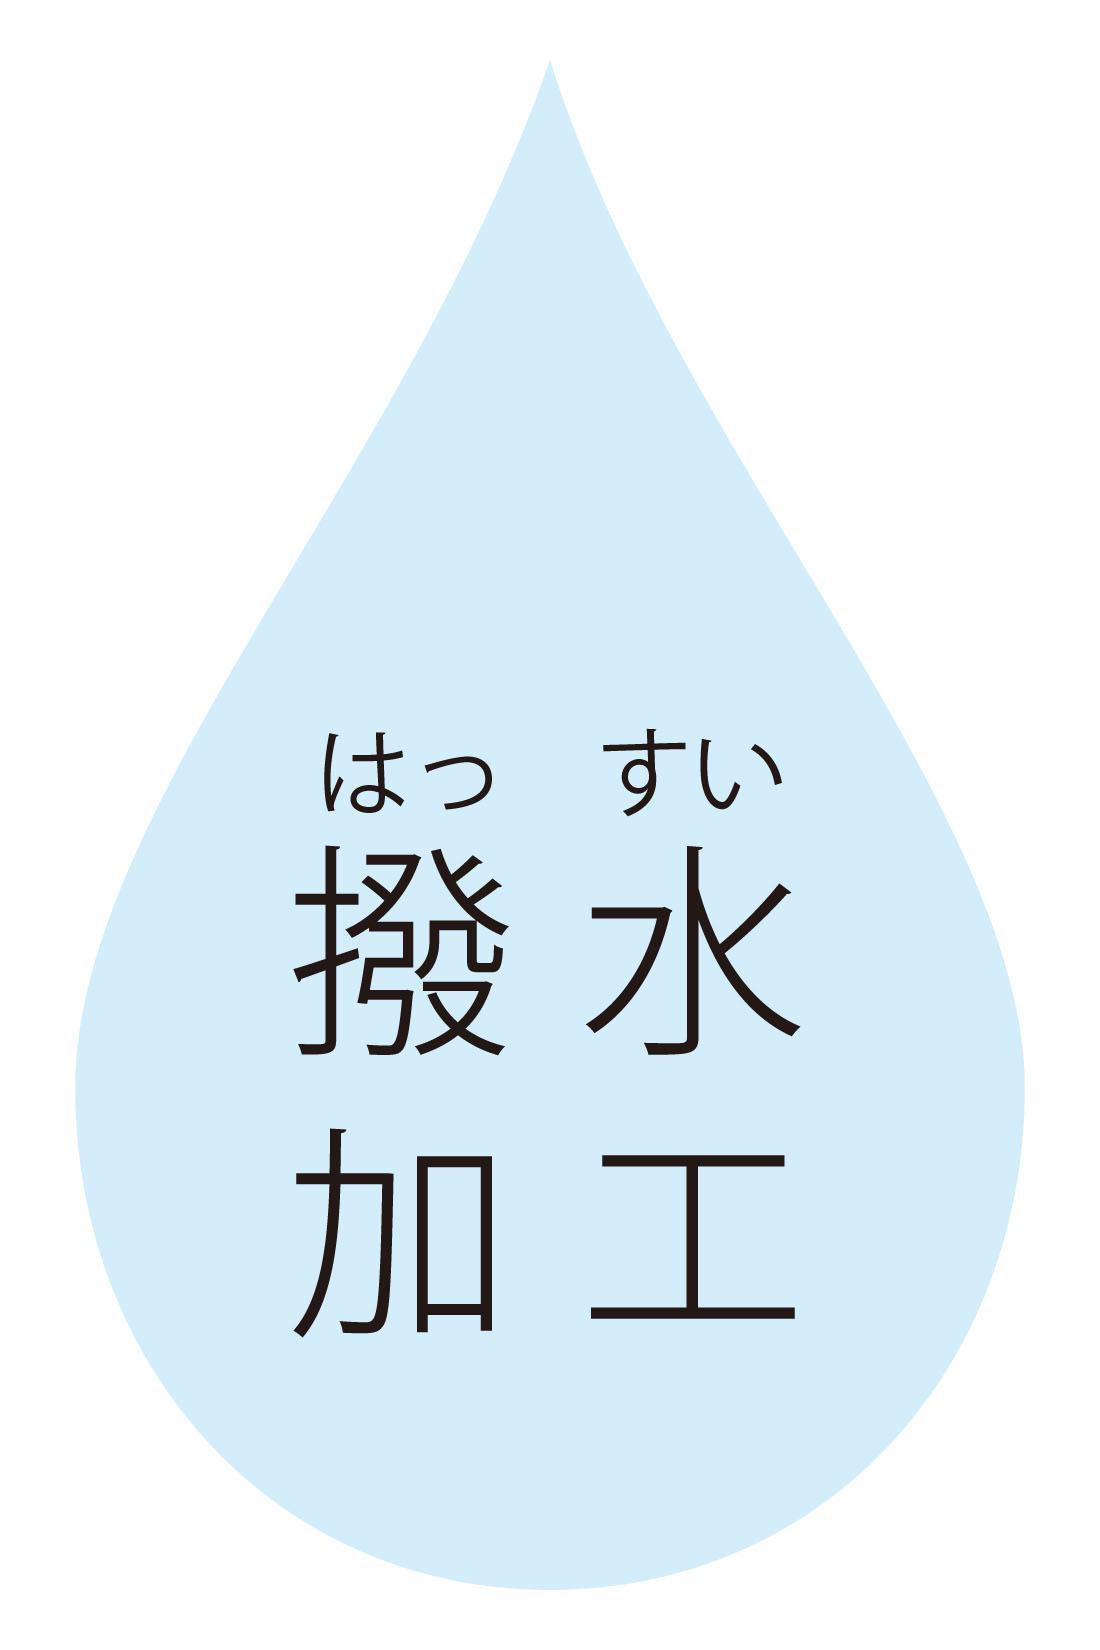 撥水加工をほどこしているから汚れにくい。